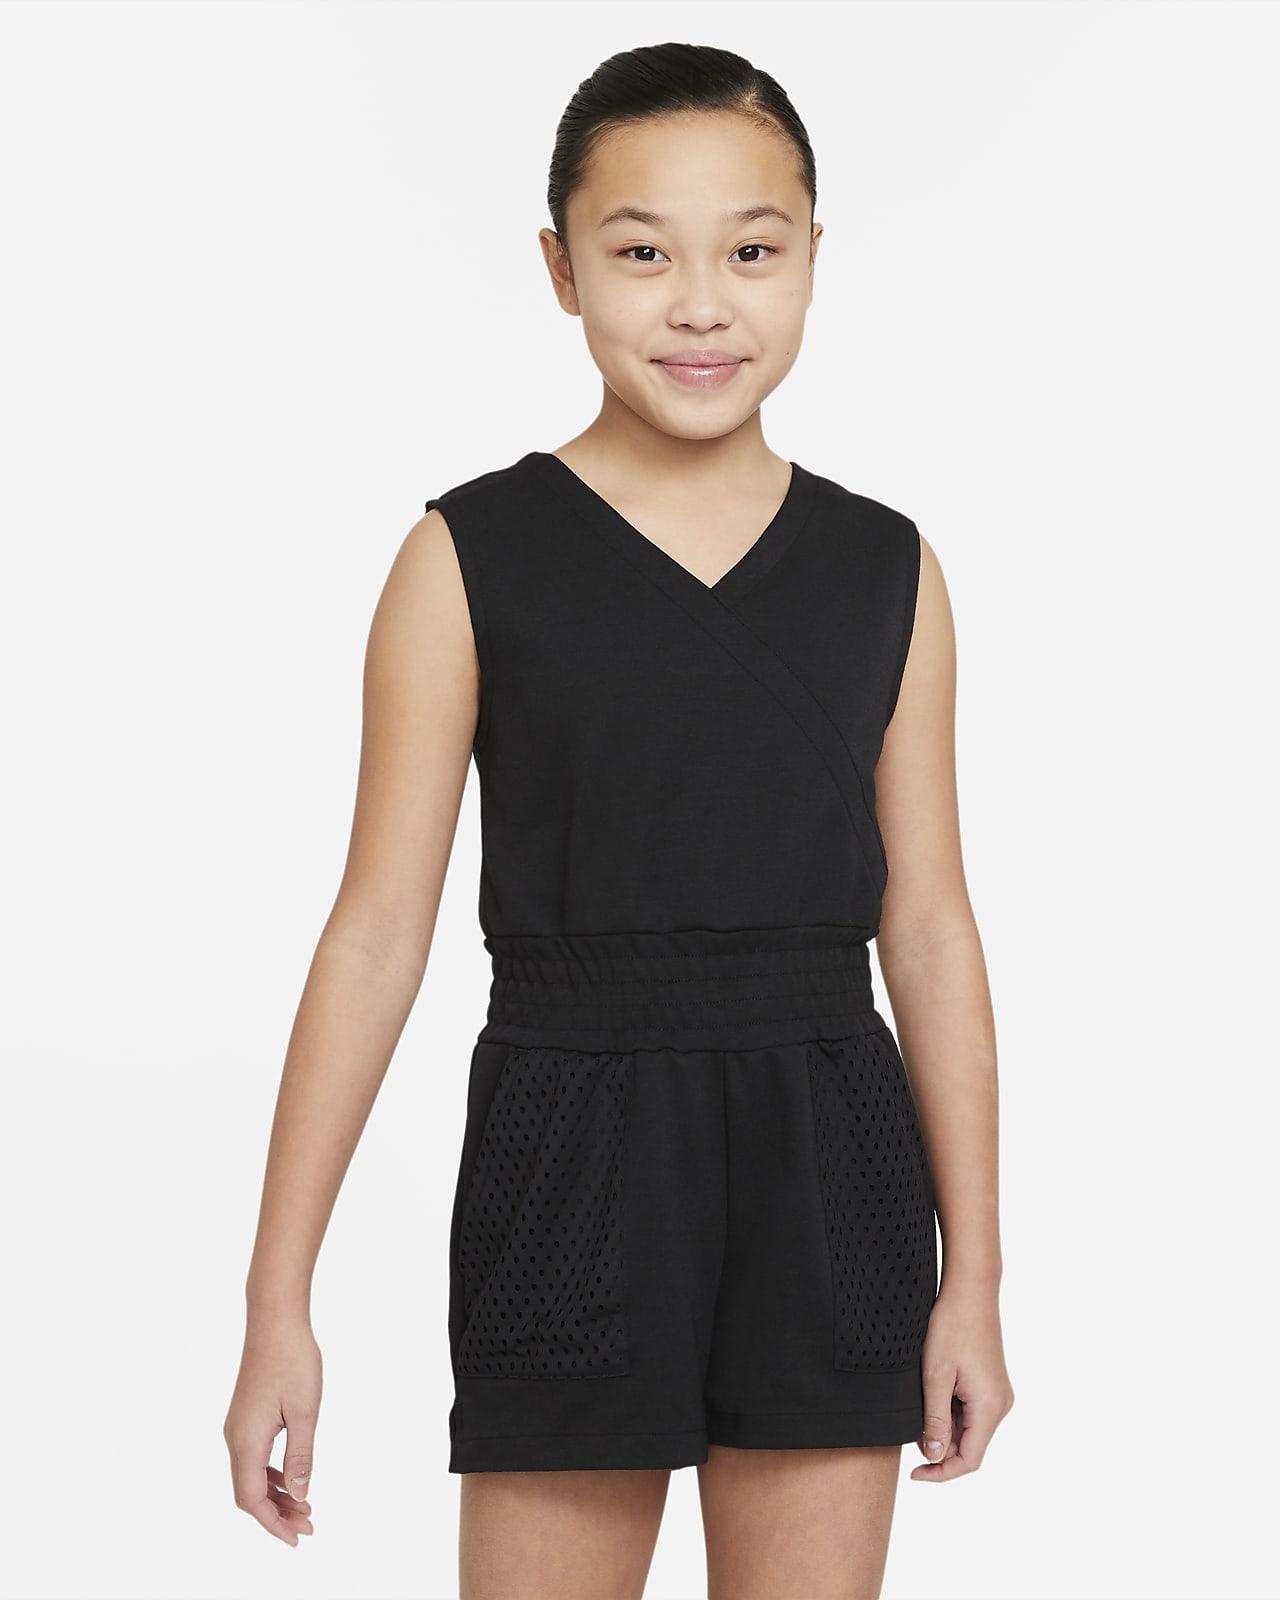 Комбинезон для тренинга для девочек школьного возраста Nike Dri-FIT